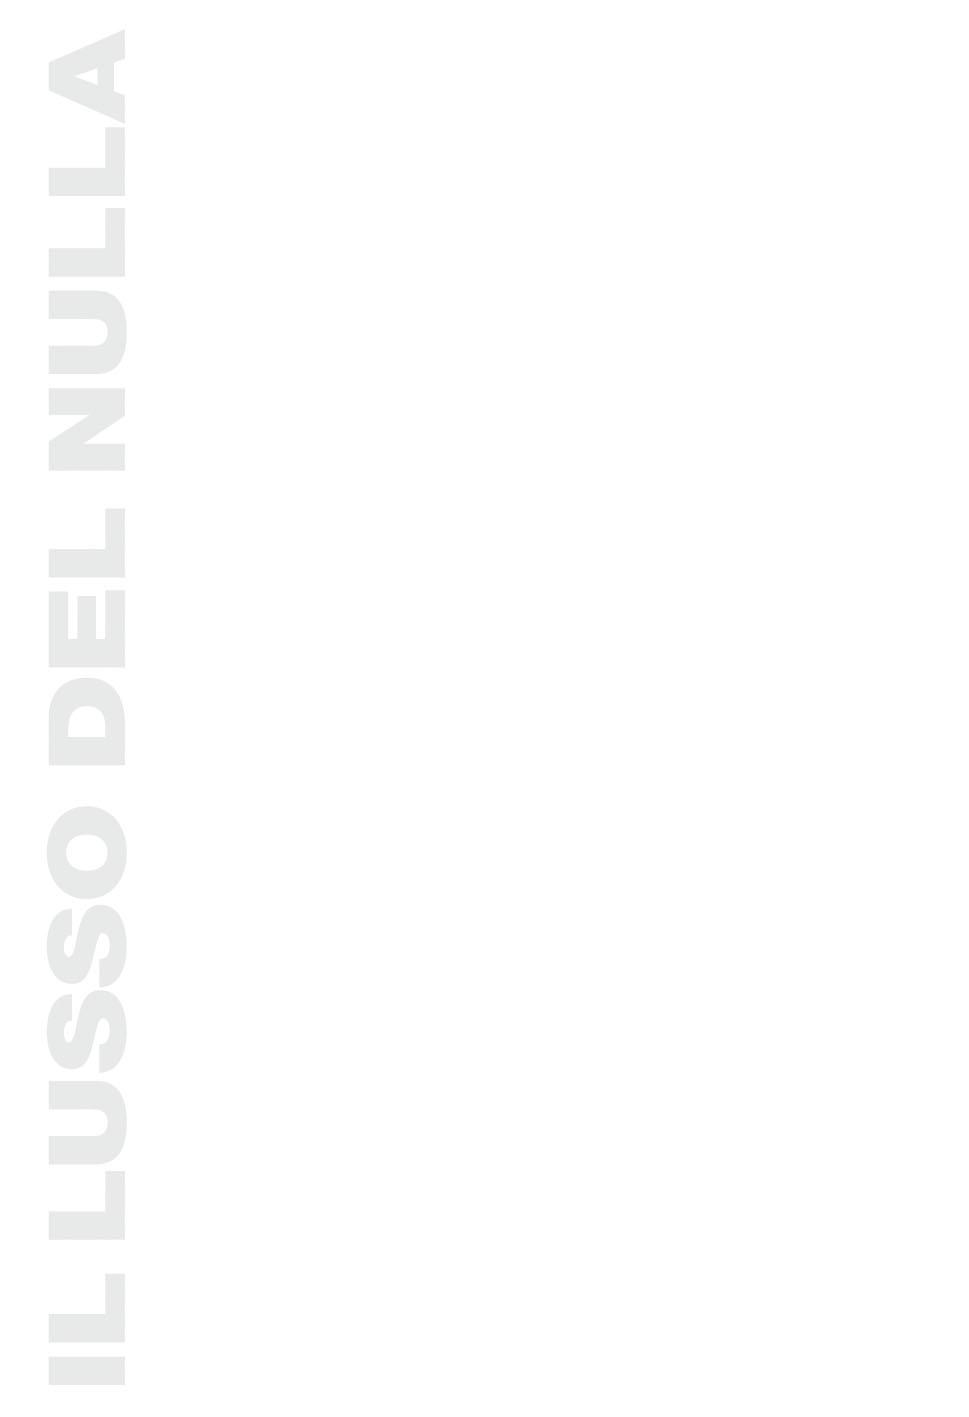 TITOLI WEB [Convertito]